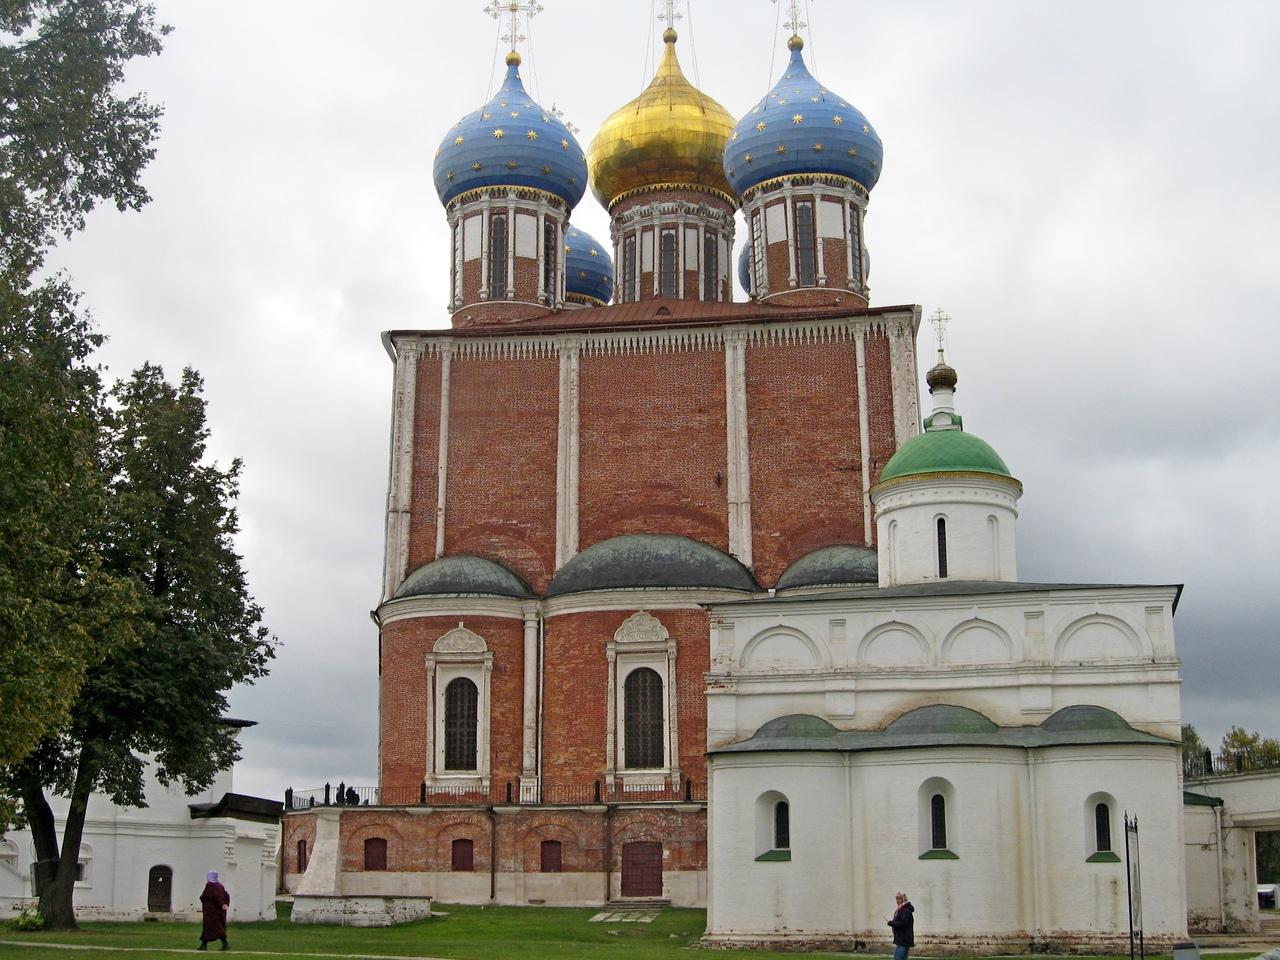 Рязанский Кремль - одно из самых красивых мест в России